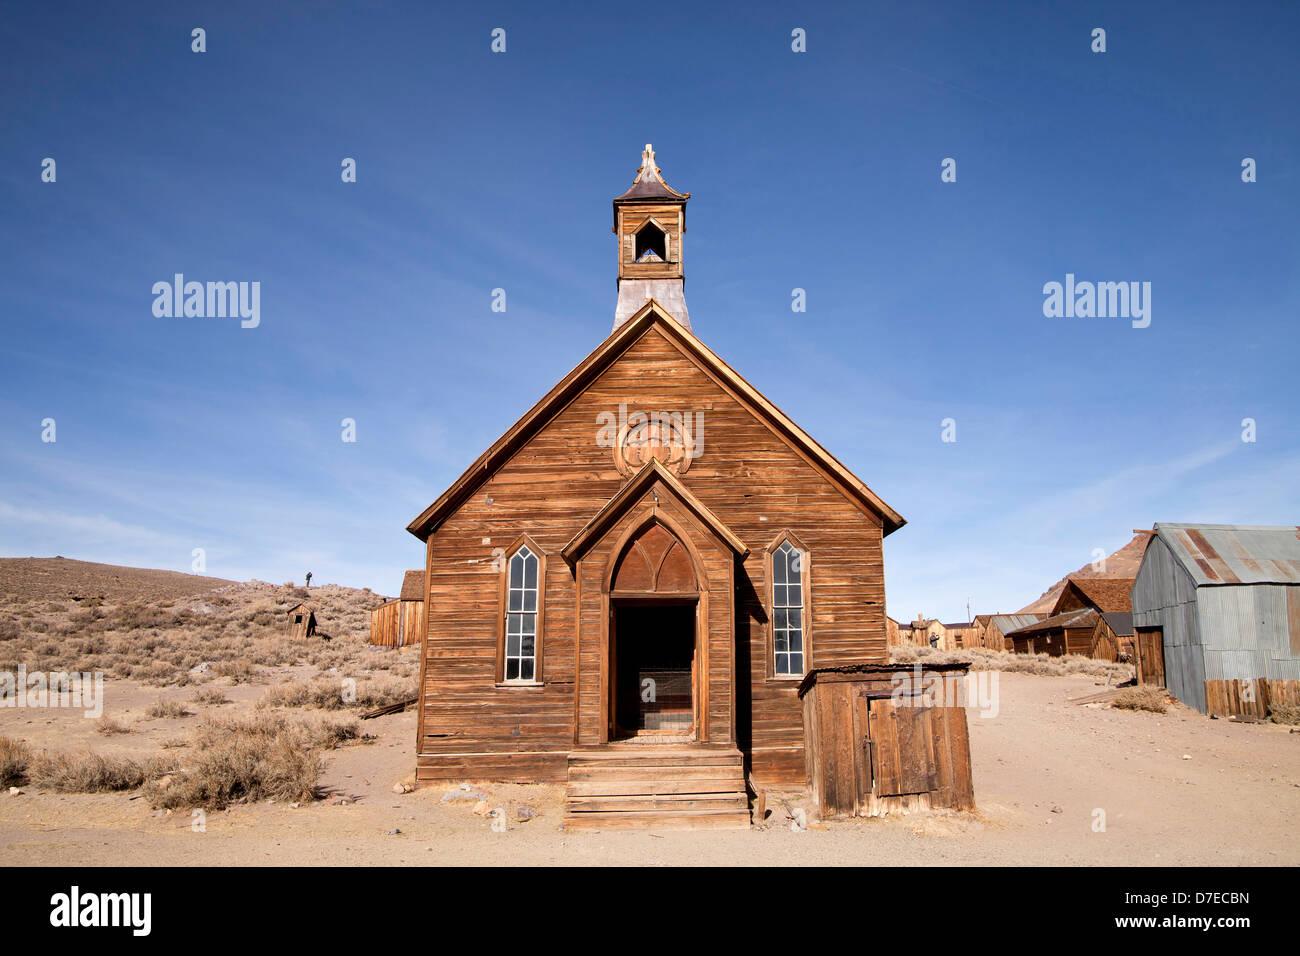 Église méthodiste de la ville fantôme de Bodie, en Californie, États-Unis d'Amérique, Photo Stock